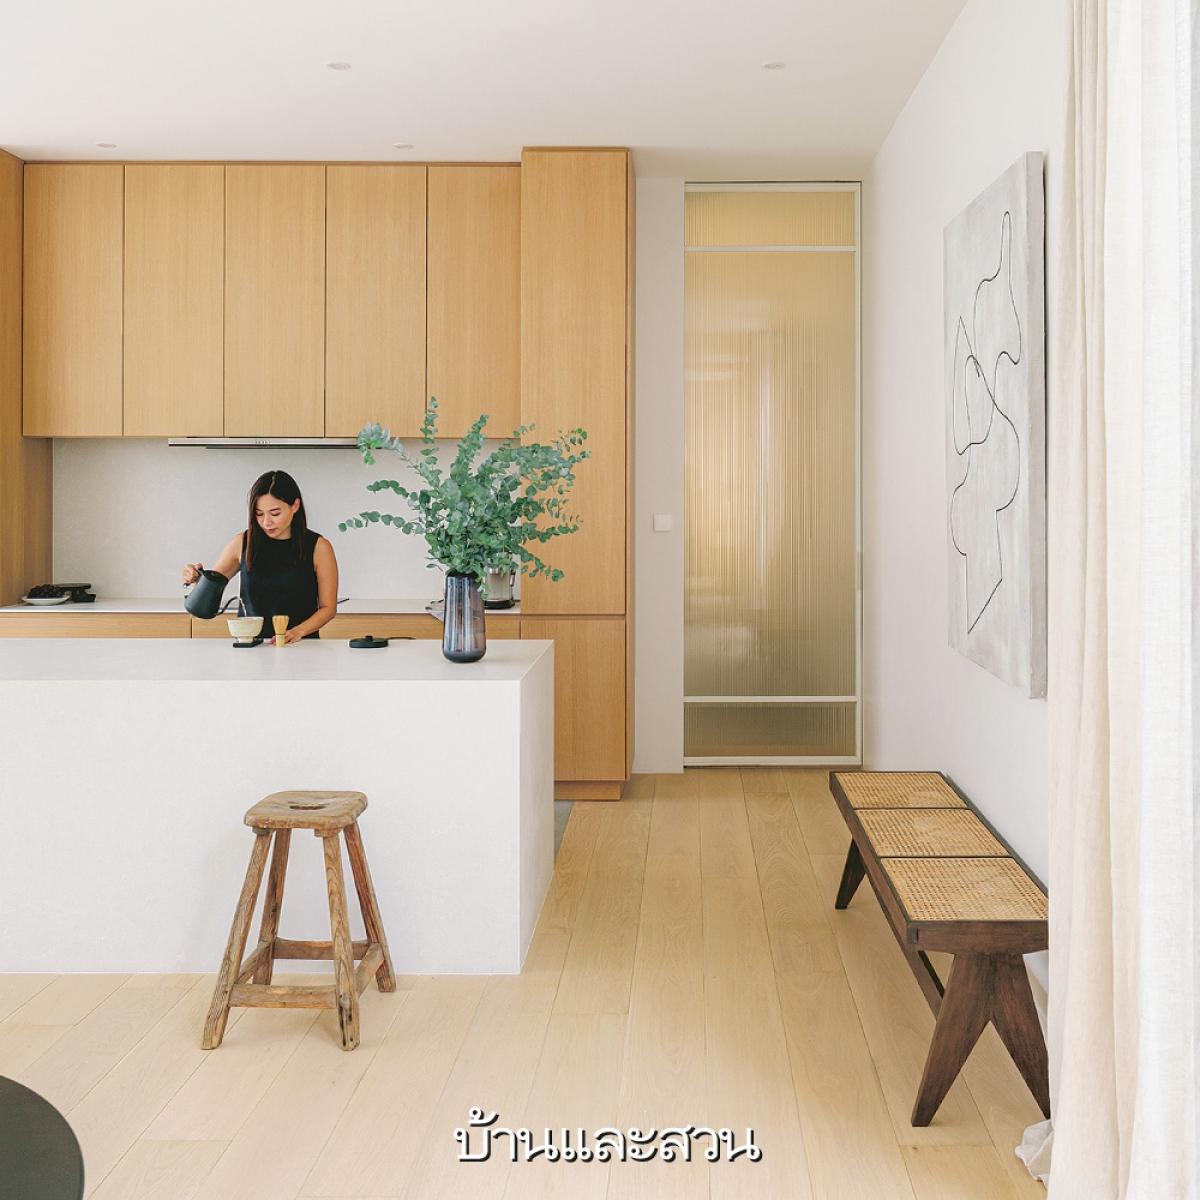 Một lọ cây xanh làm tăng sự sinh động hơn cho căn bếp tối giản chỉ với 2 màu gỗ và trắng.